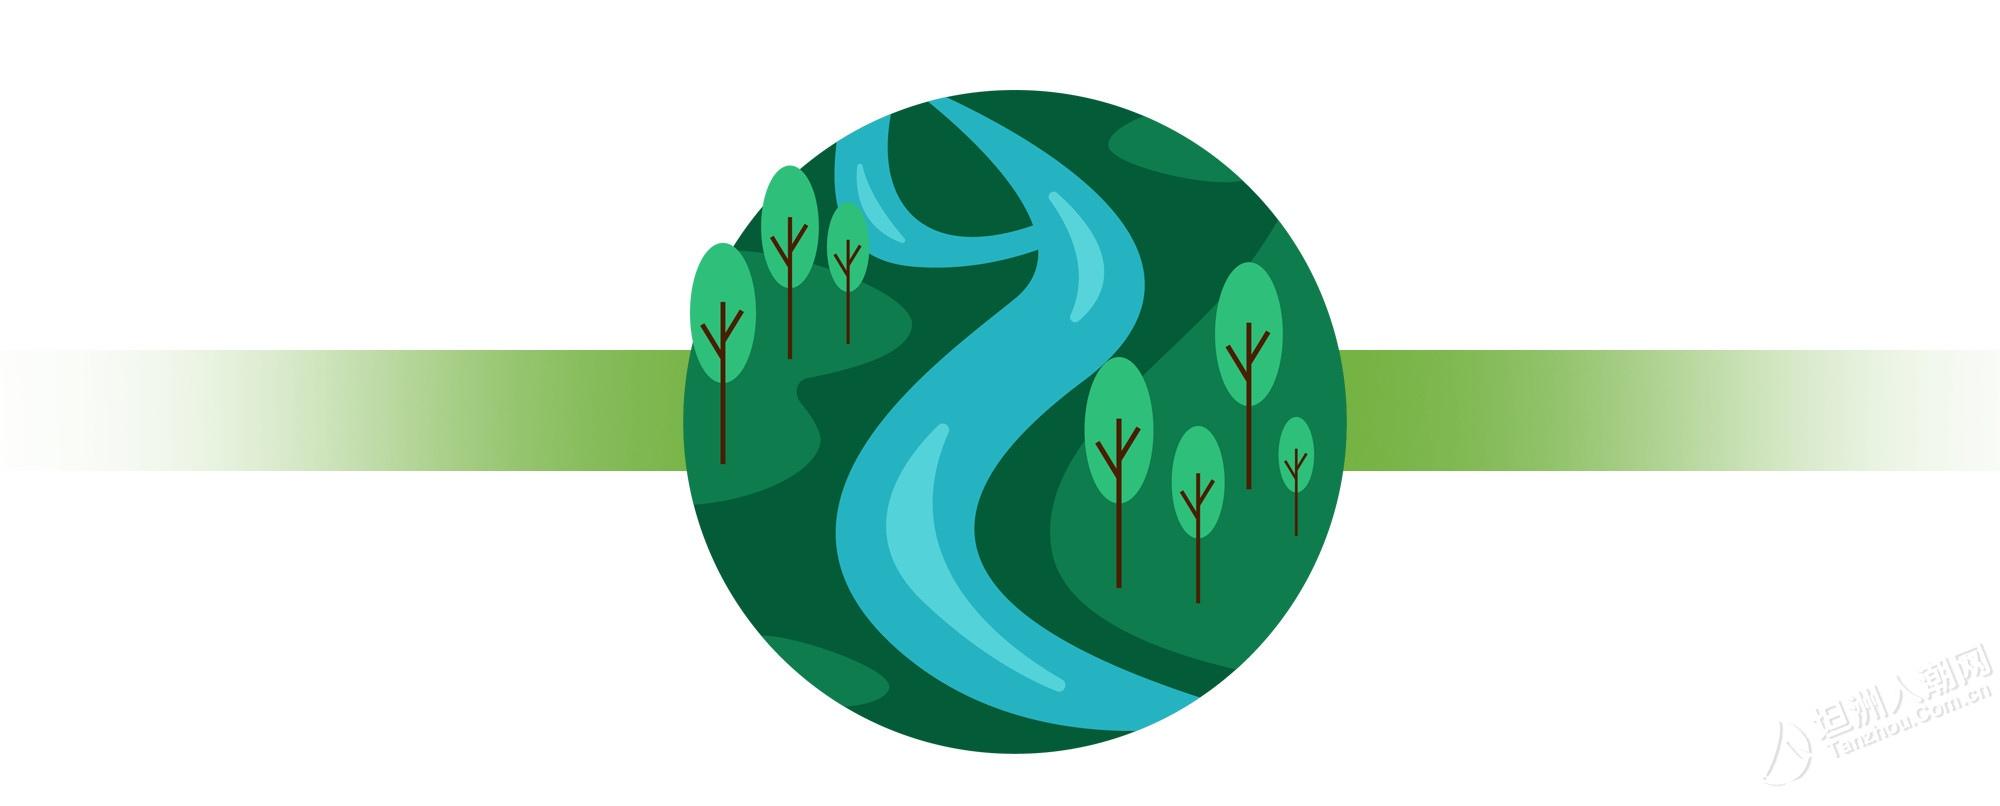 省级湿地公园正加快建设!坦洲这里有绝美风景,在哪里?